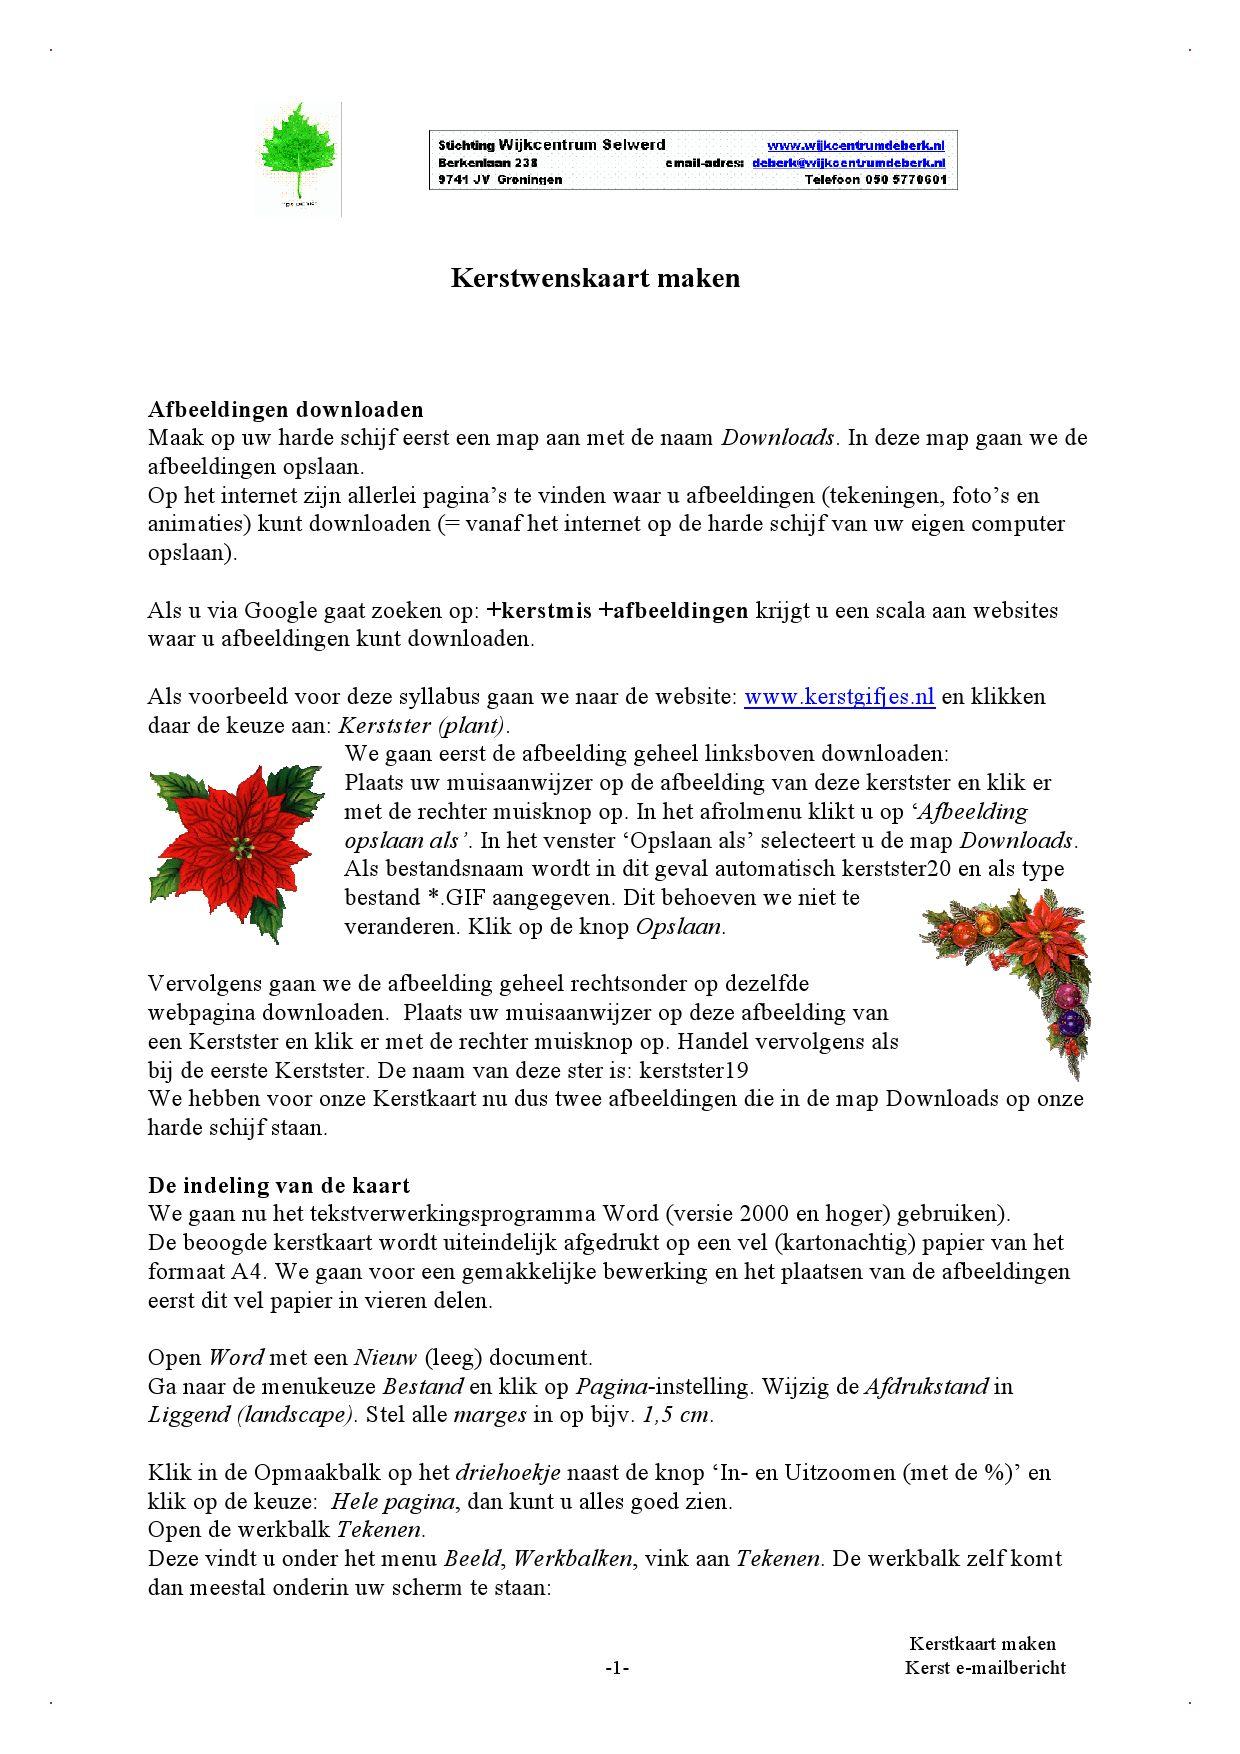 Kerstkaart Email Kaart By Wim Gerrits Issuu